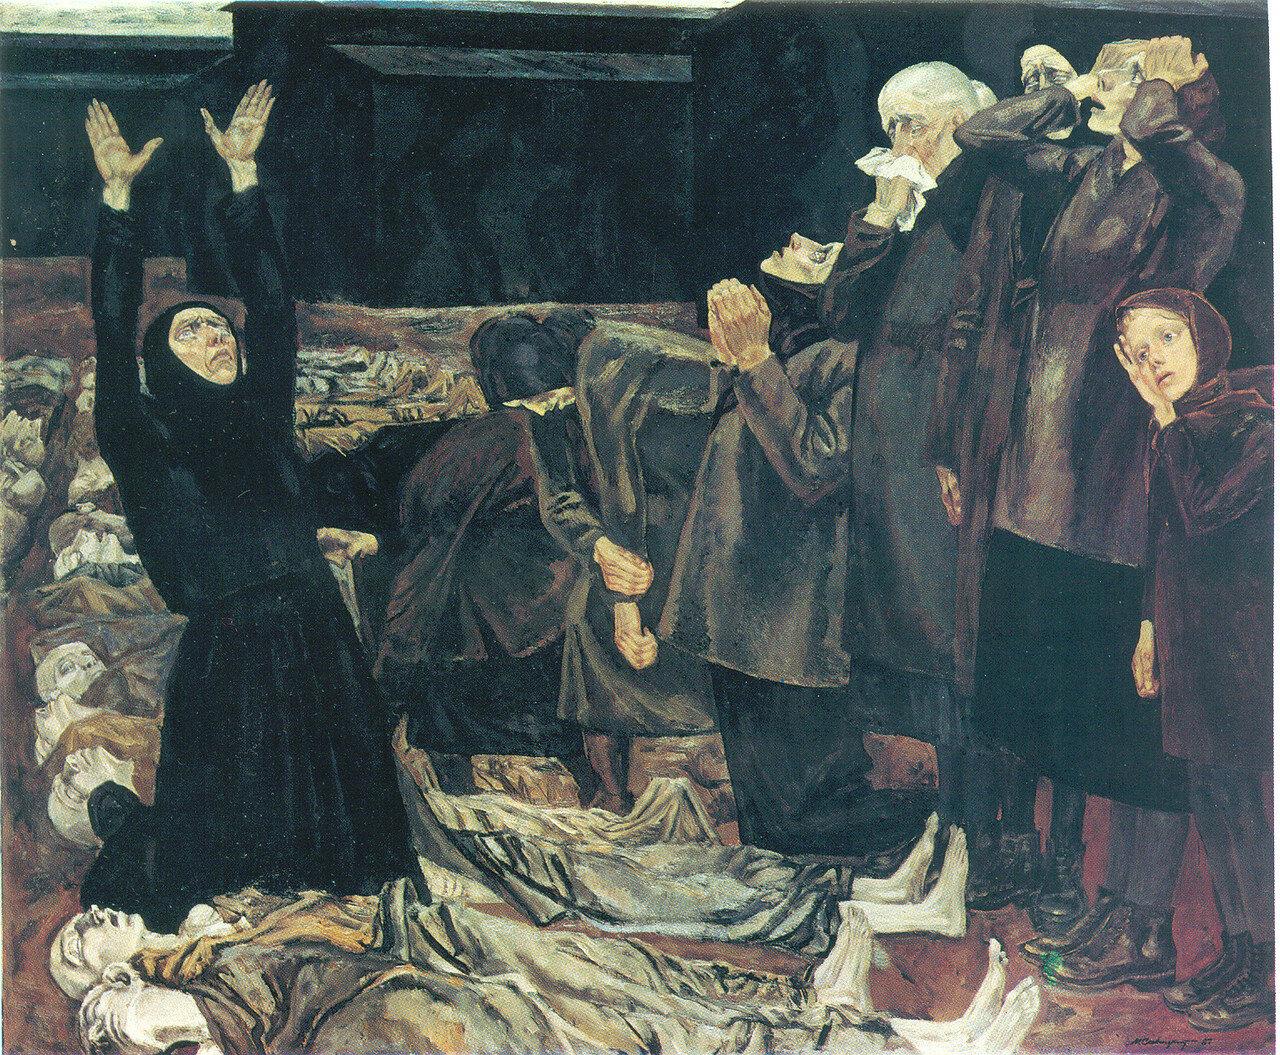 Ужасы войны в живописи Михаила Савицкого (11 работ)